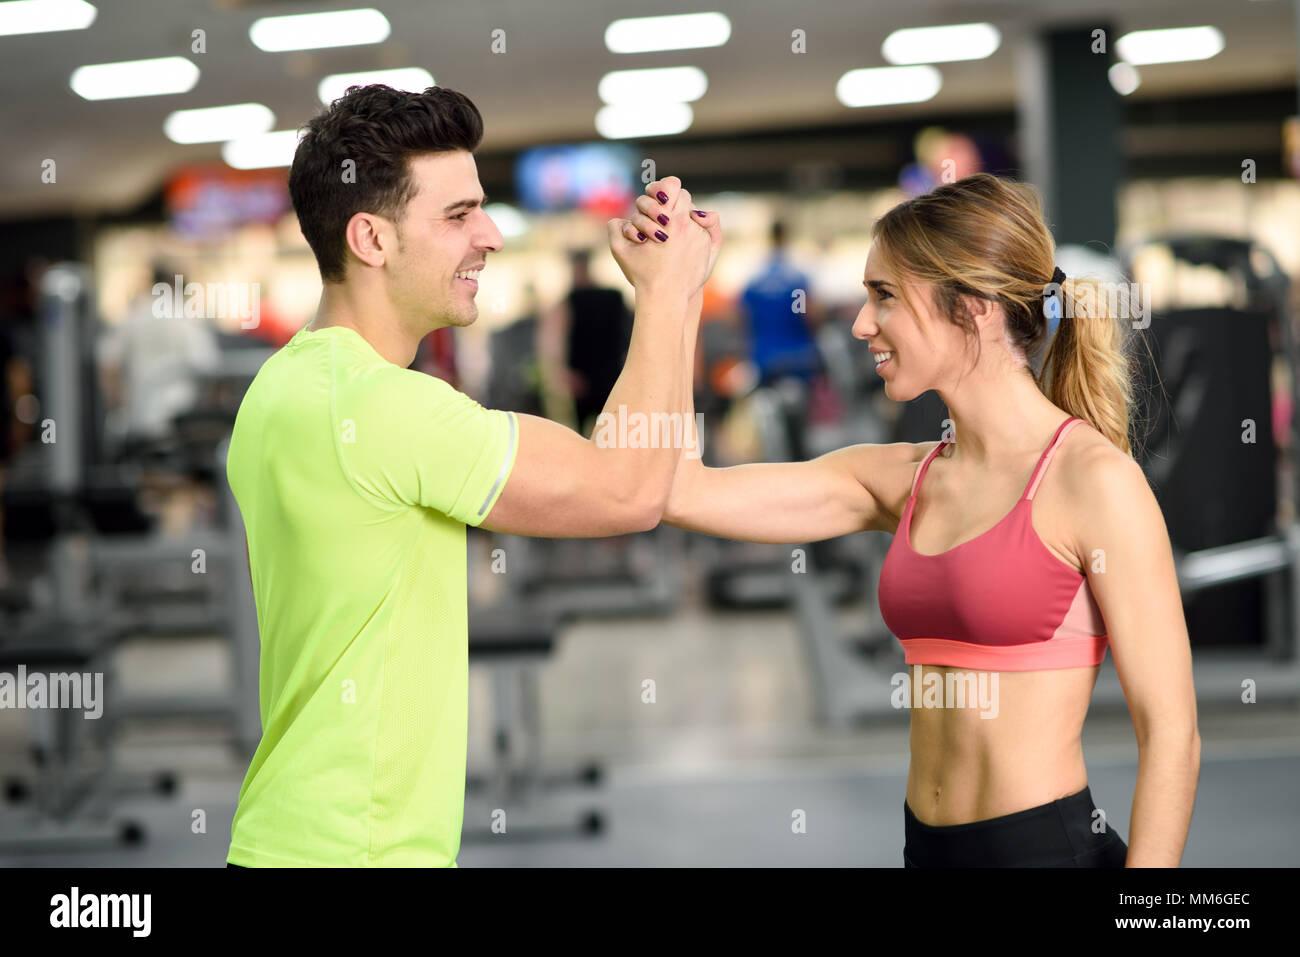 69634d604692 Sorridente giovane uomo e donna facendo alta cinque in palestra. Paio di  indossare abbigliamento sportivo